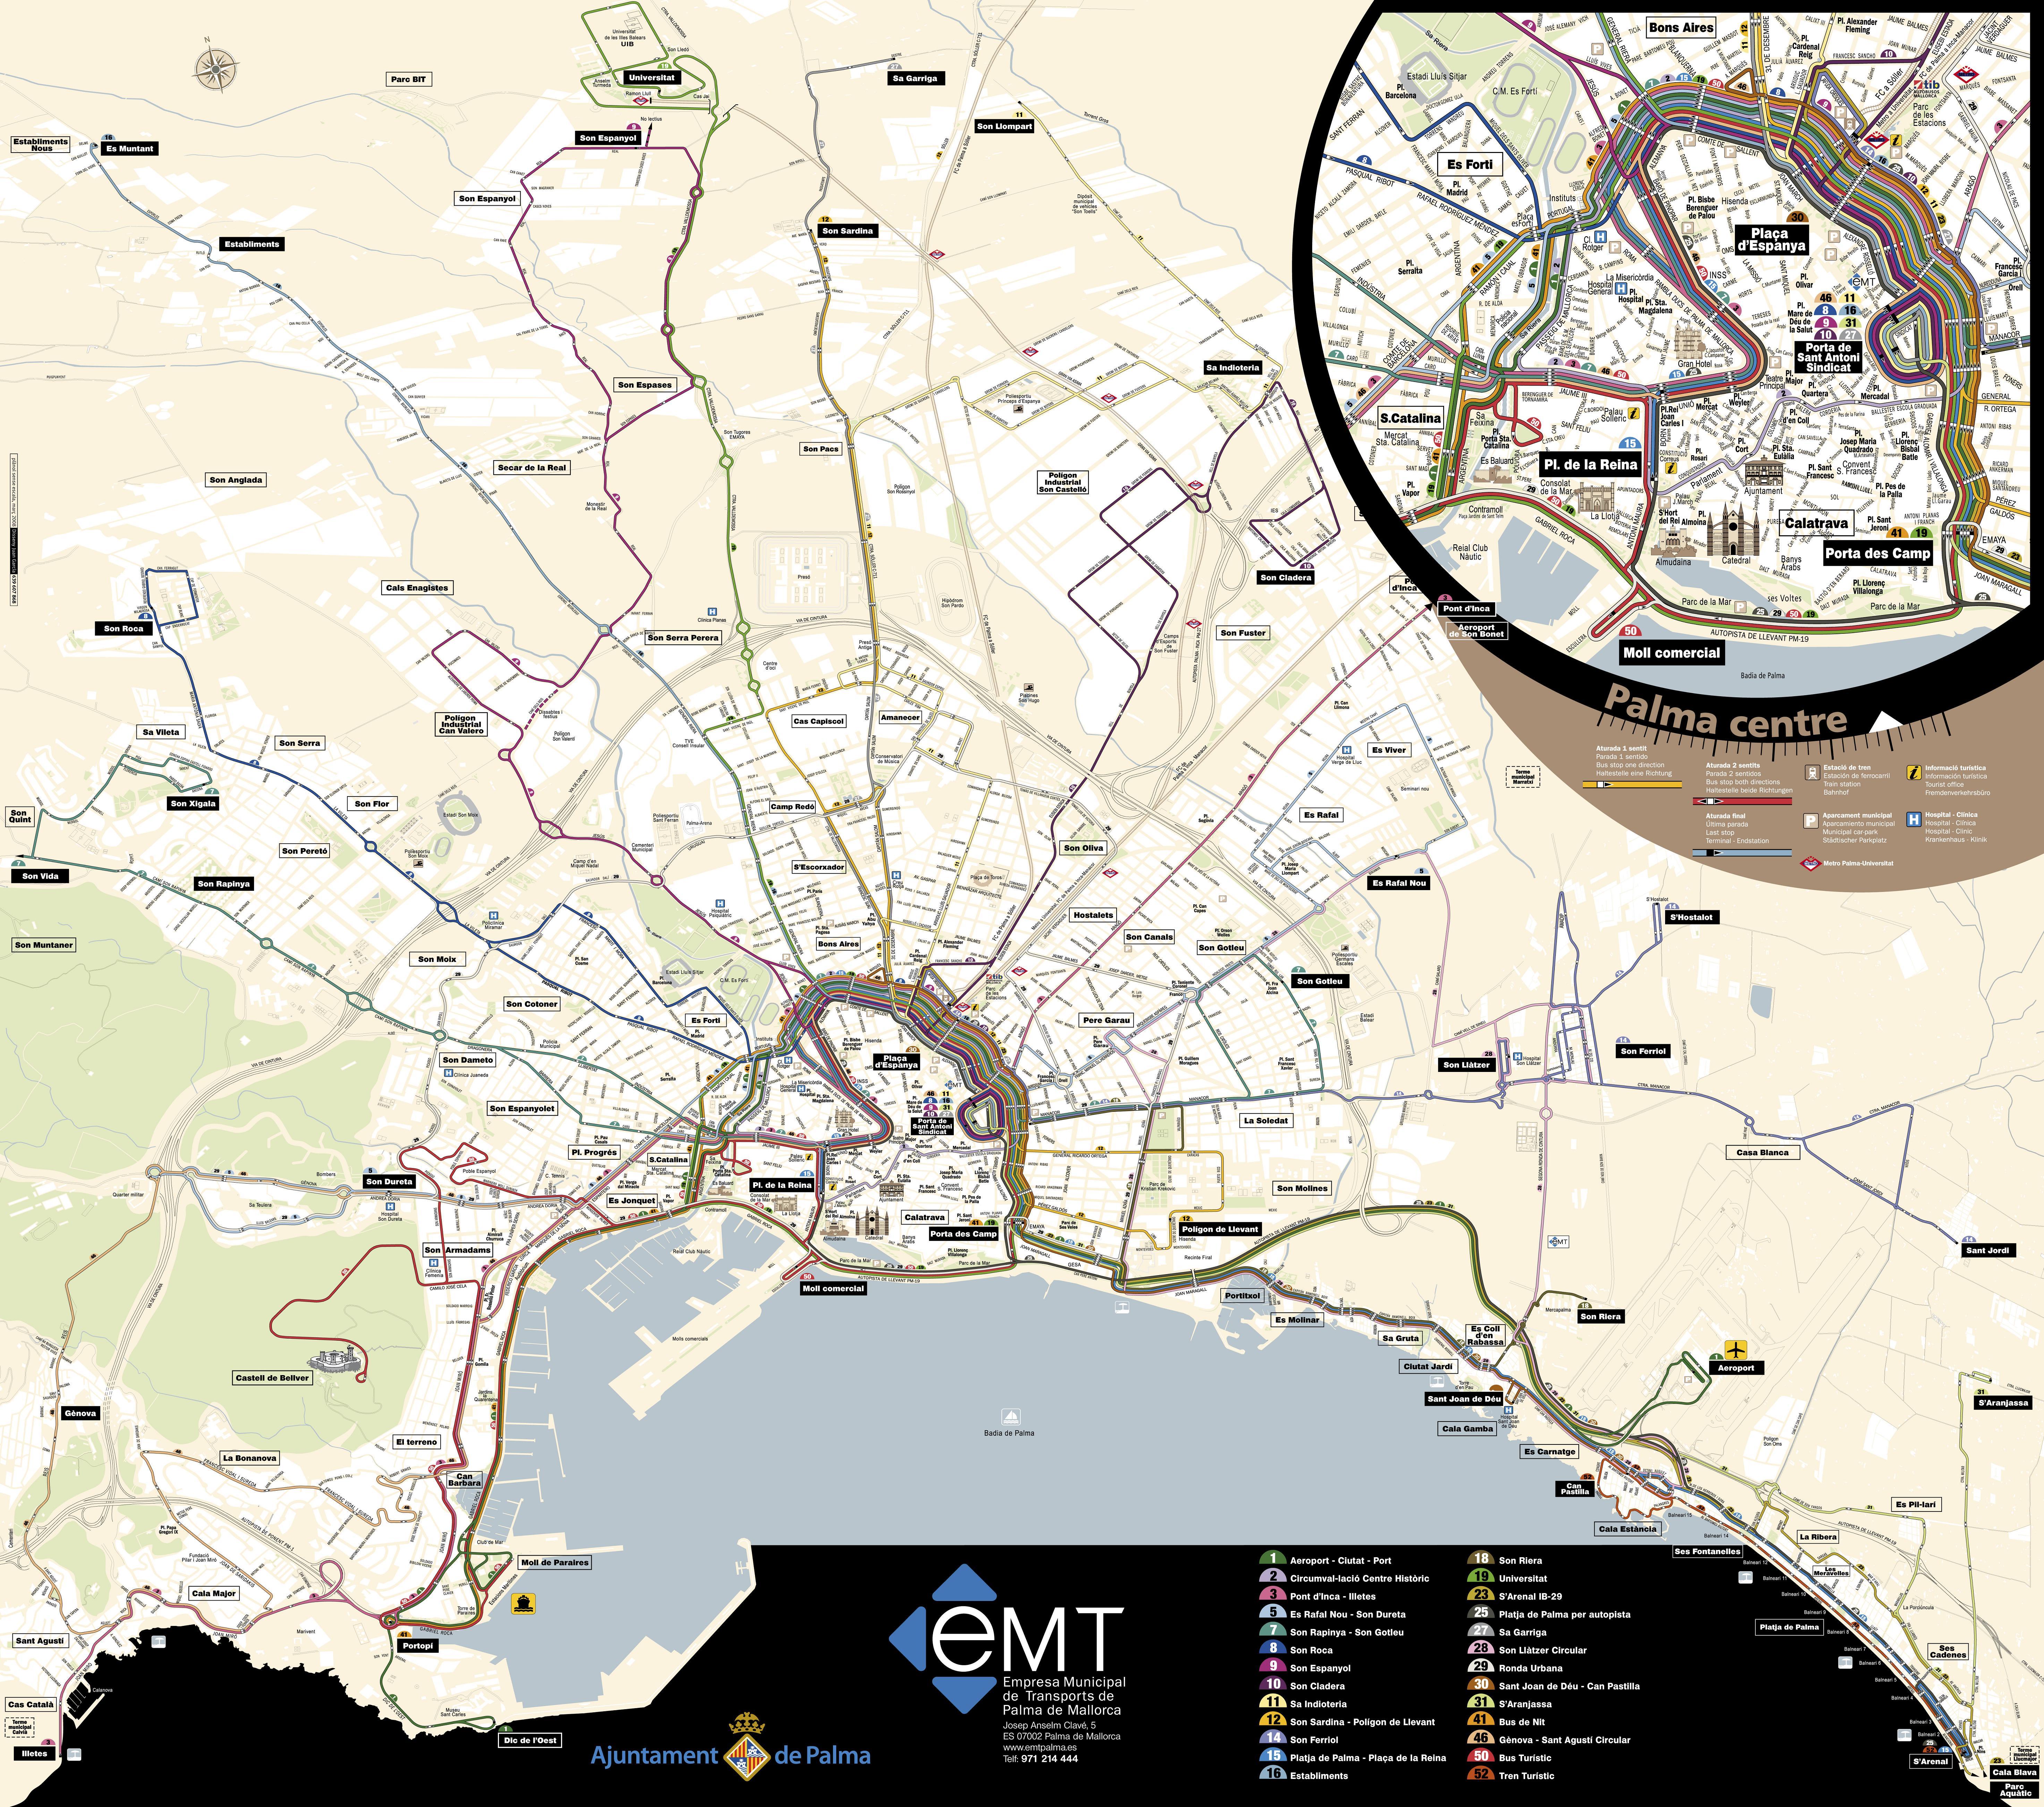 Palma de Mallorca bus routes map 2008